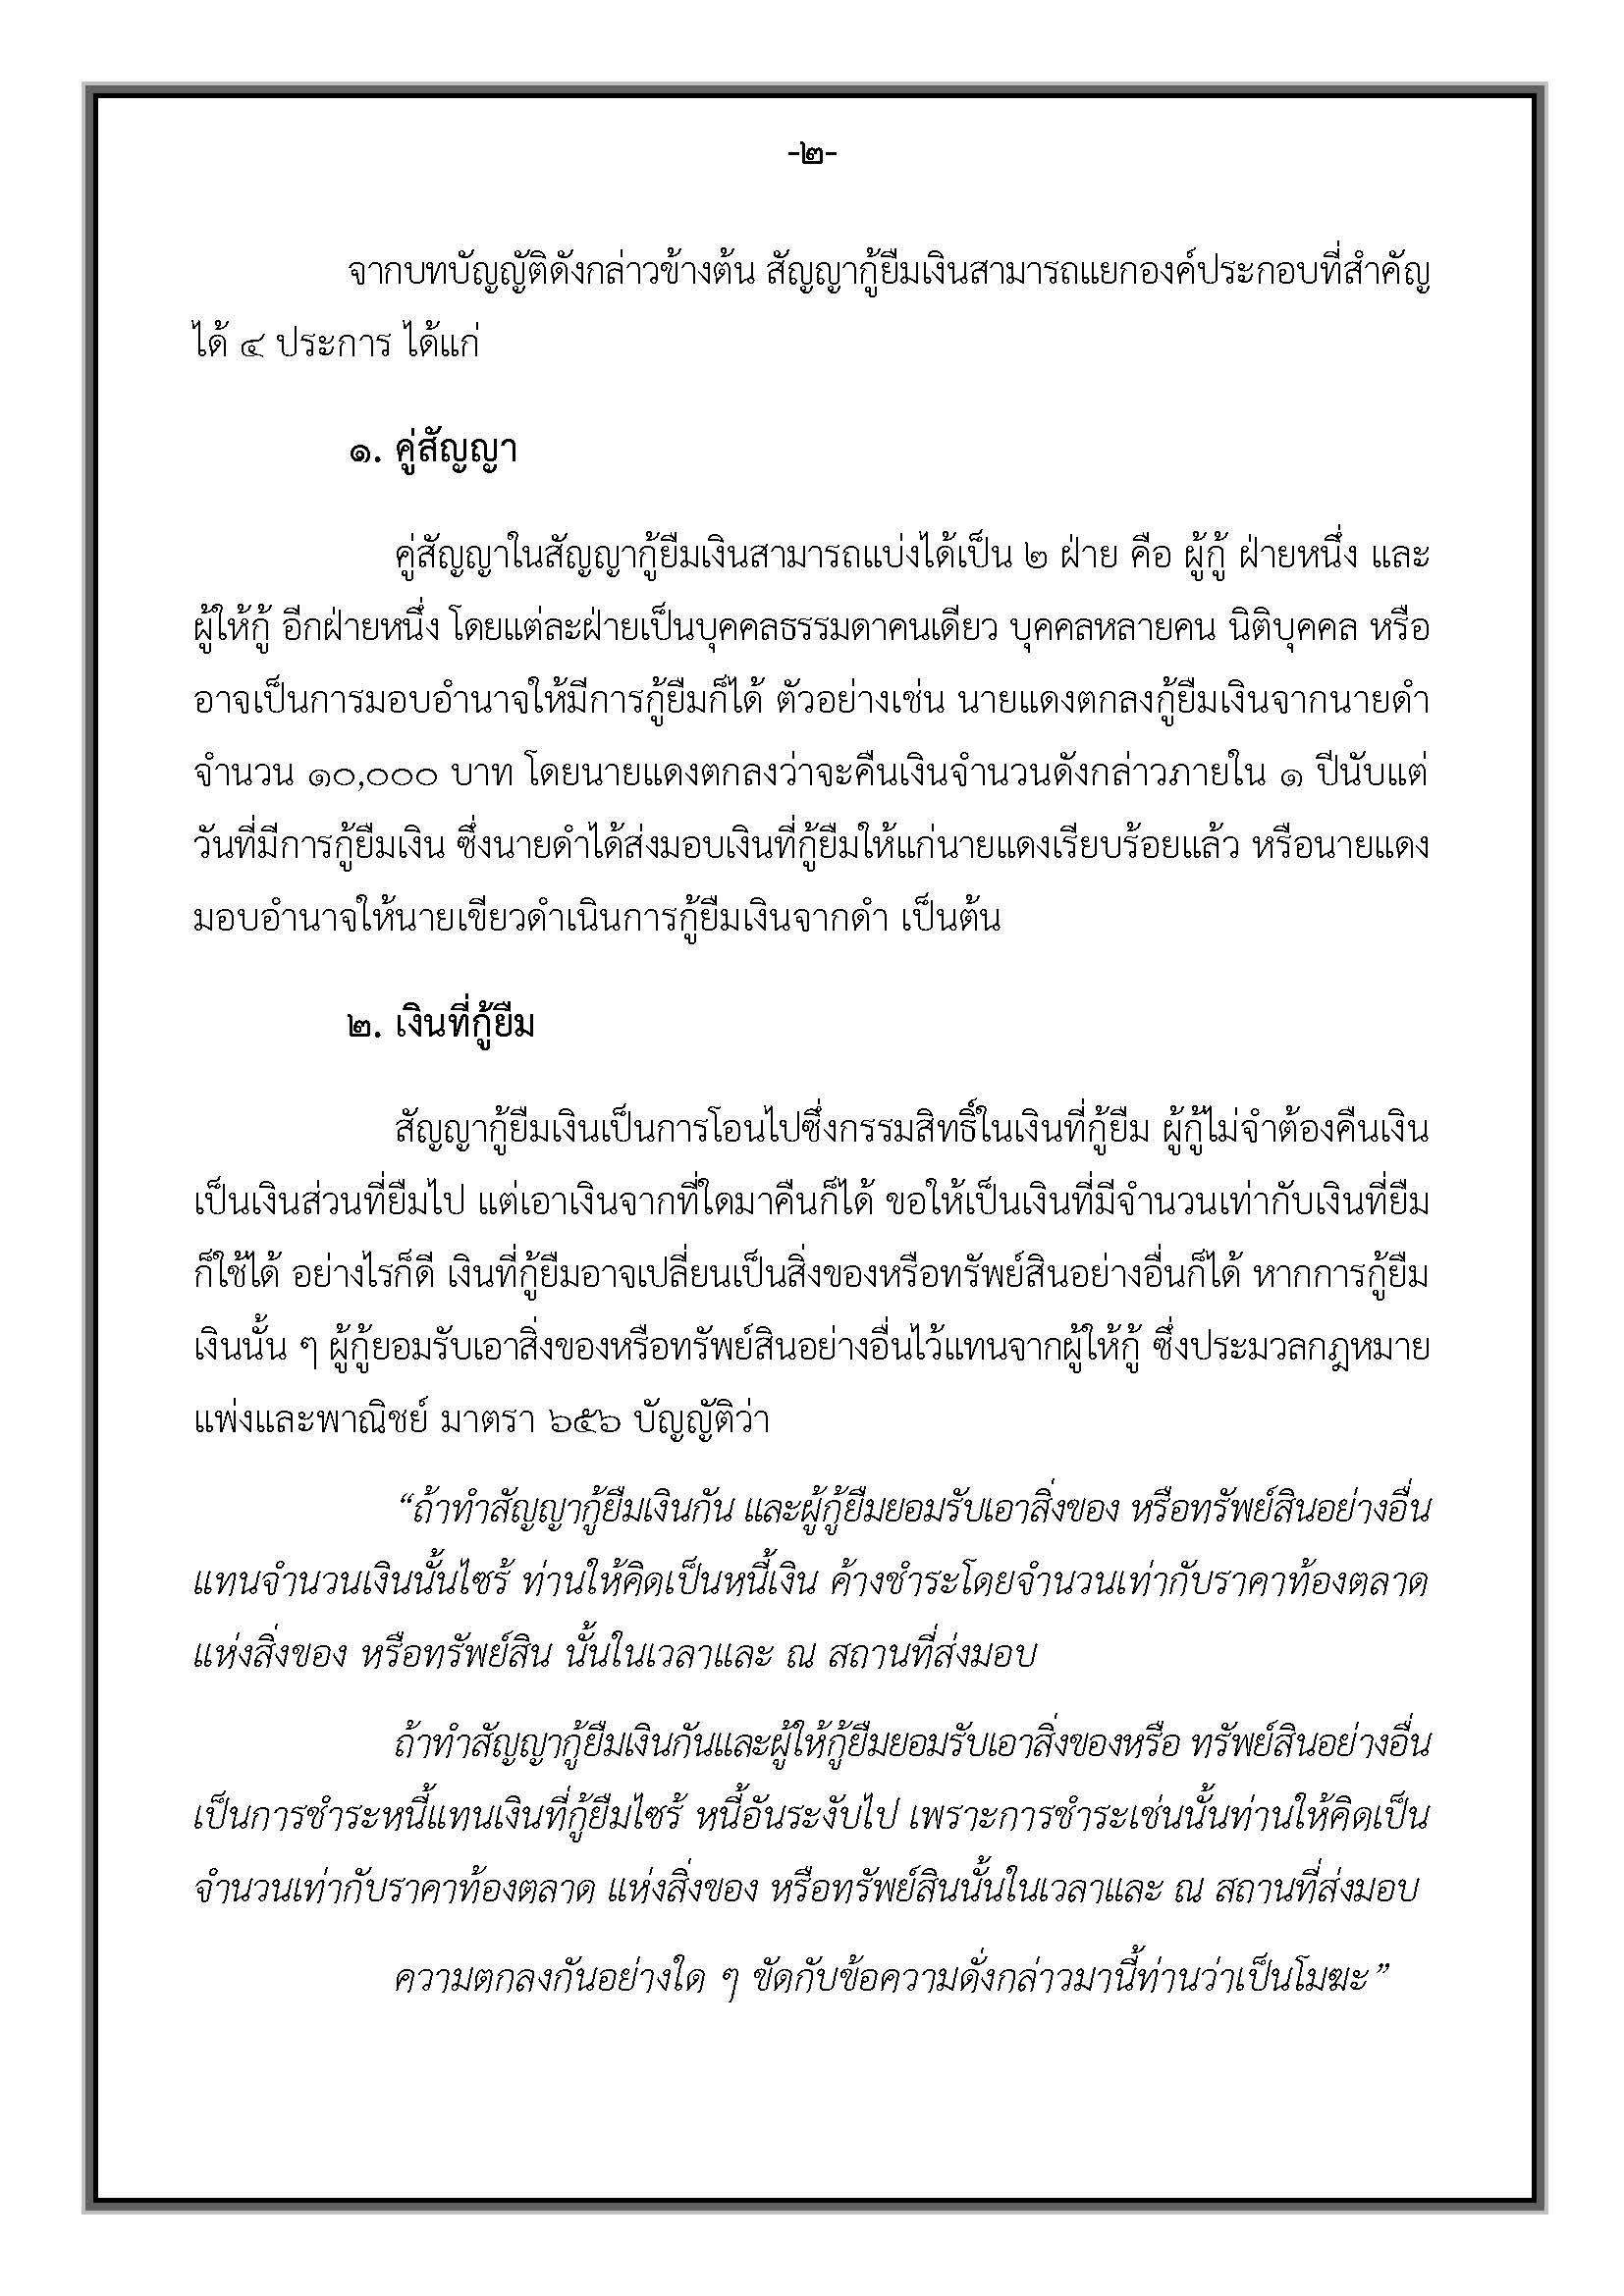 คำแนะนำ-สัญญากู้ยืมเงิน_Page_06